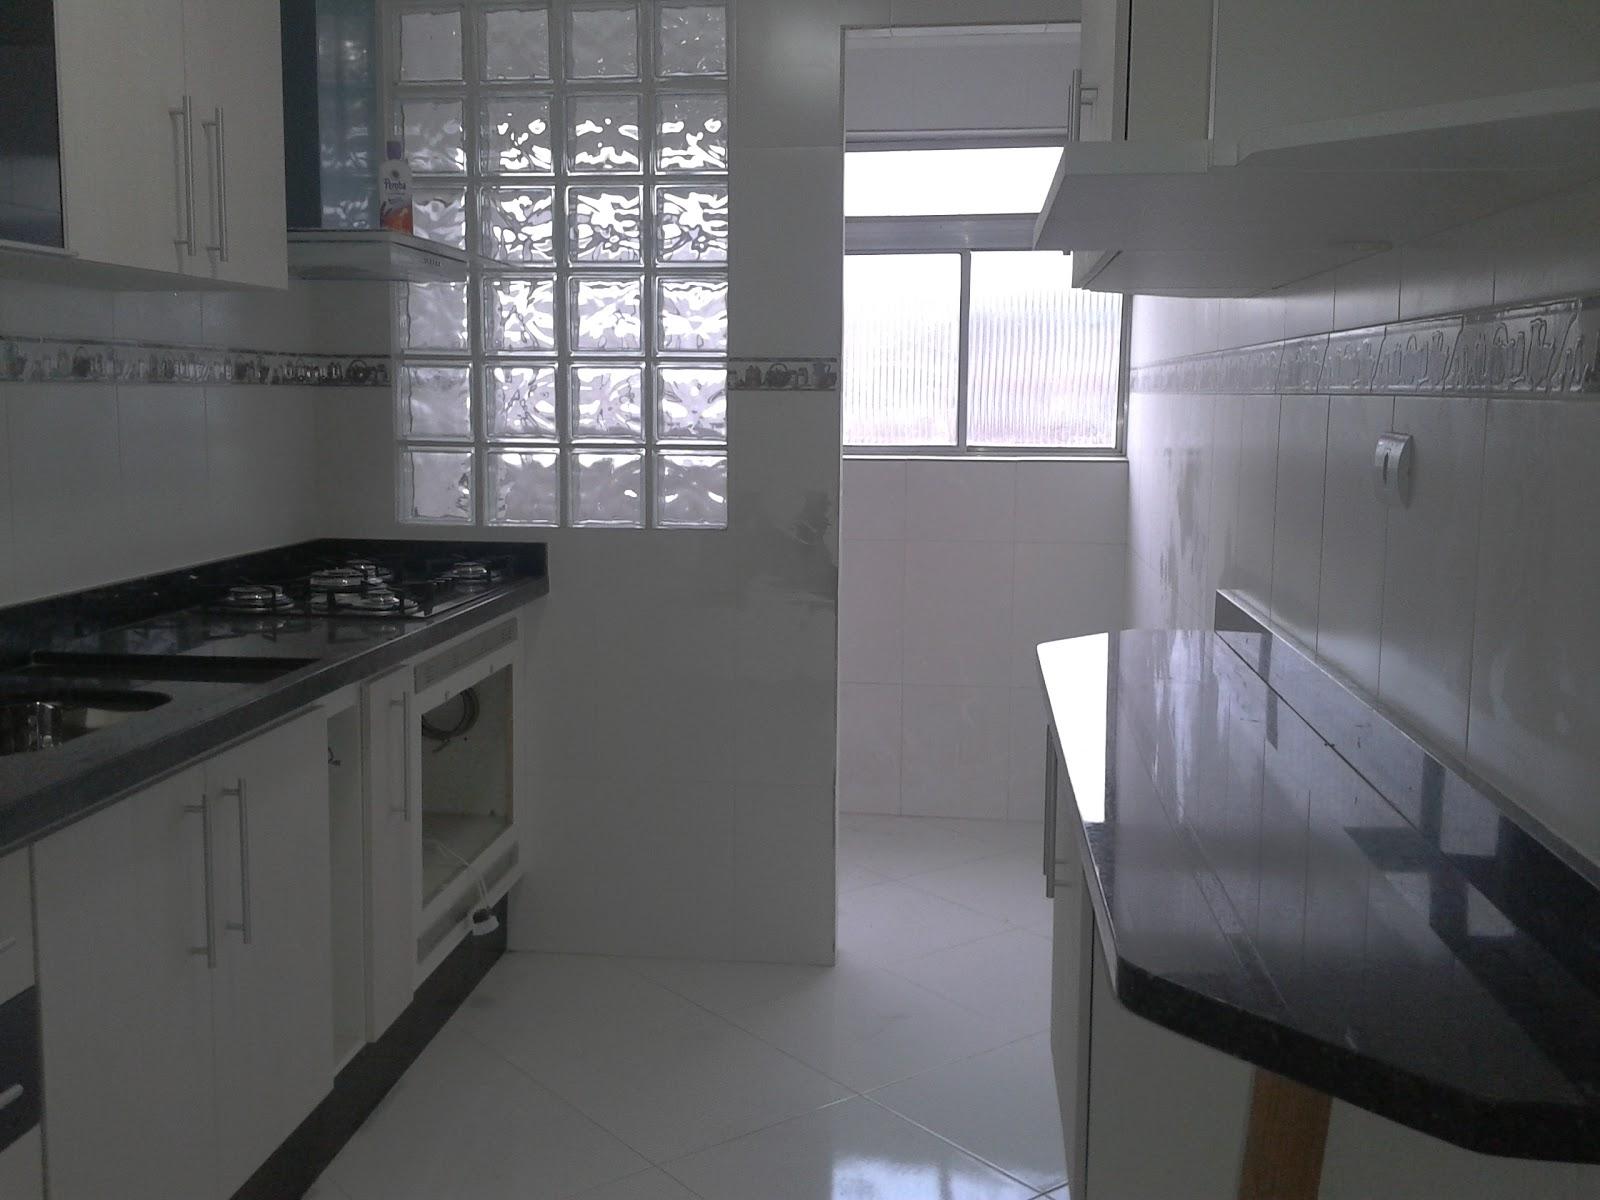 Imagens de #595576 Visão da cozinha toda ainda sem o meu forno que esta na assistência 1600x1200 px 2740 Box Banheiro Pedra